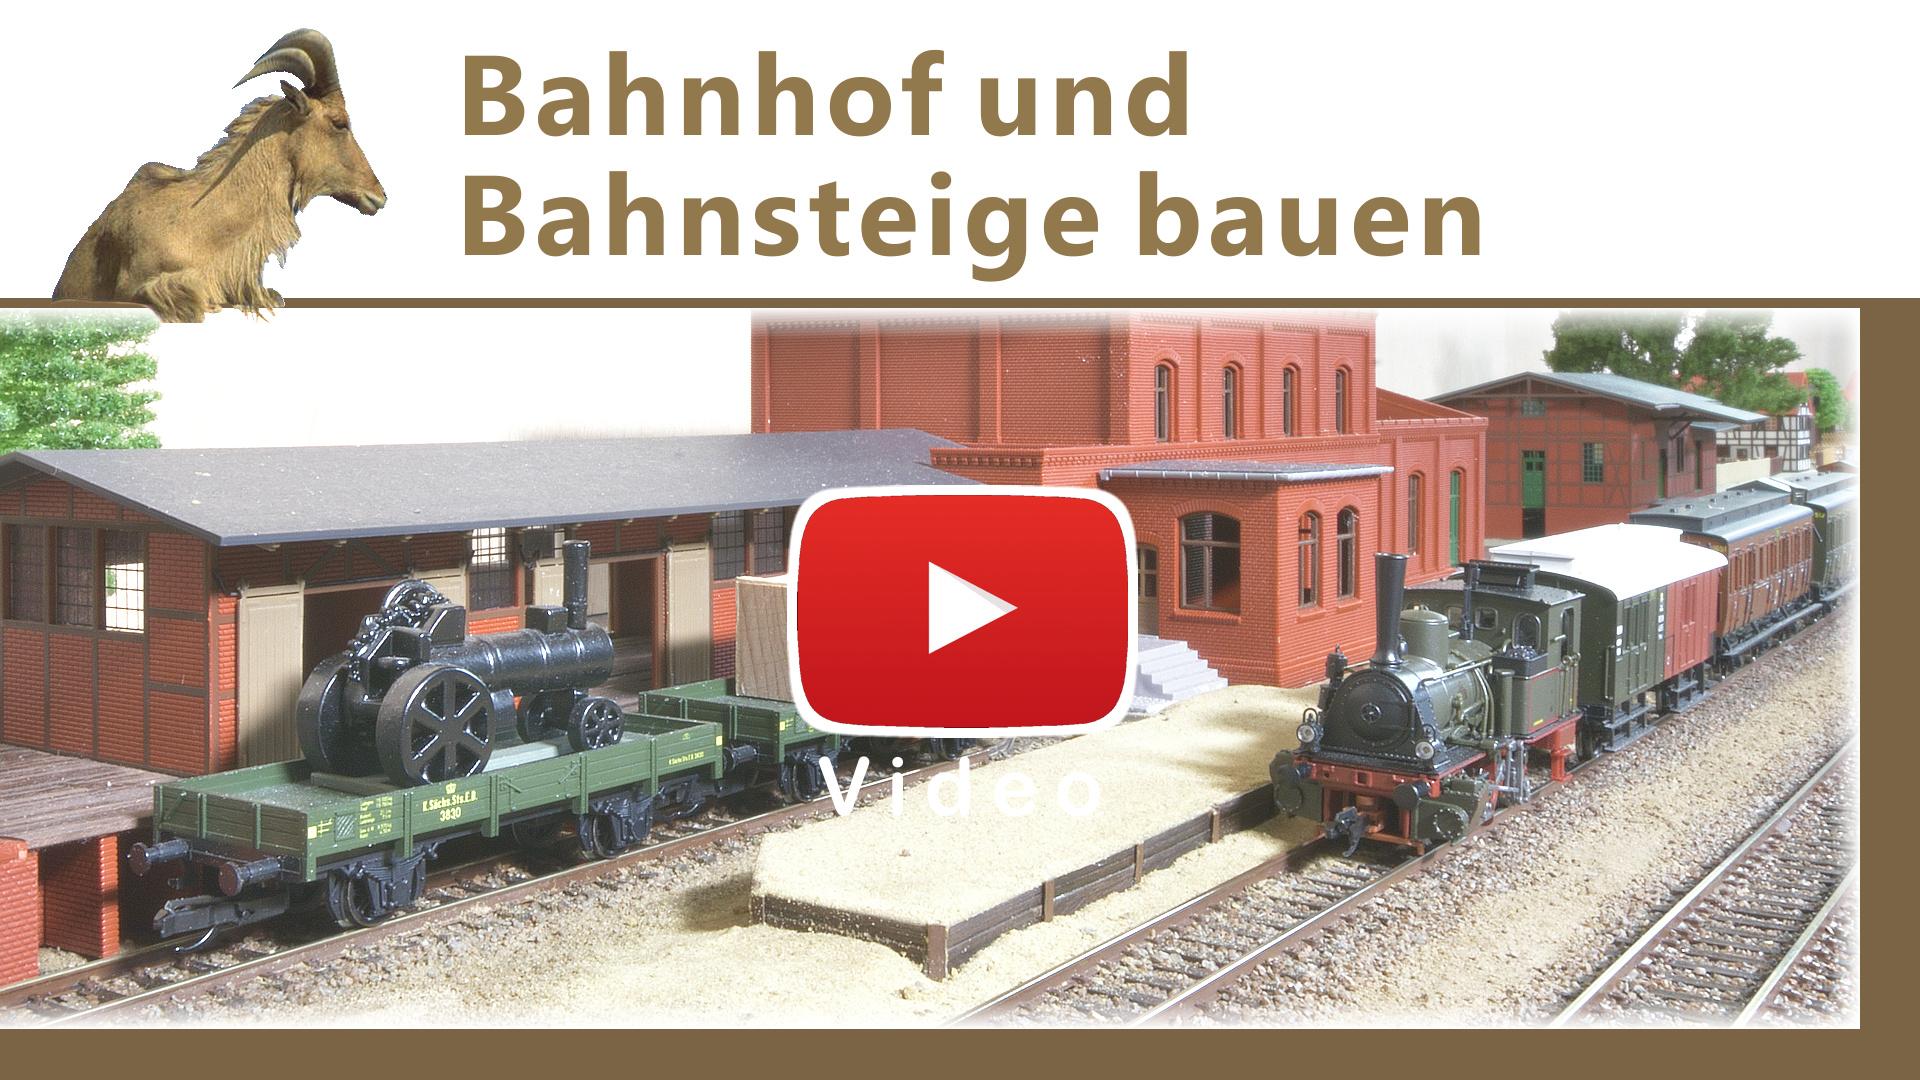 Video: Bahnhof und Bahnsteige bauen